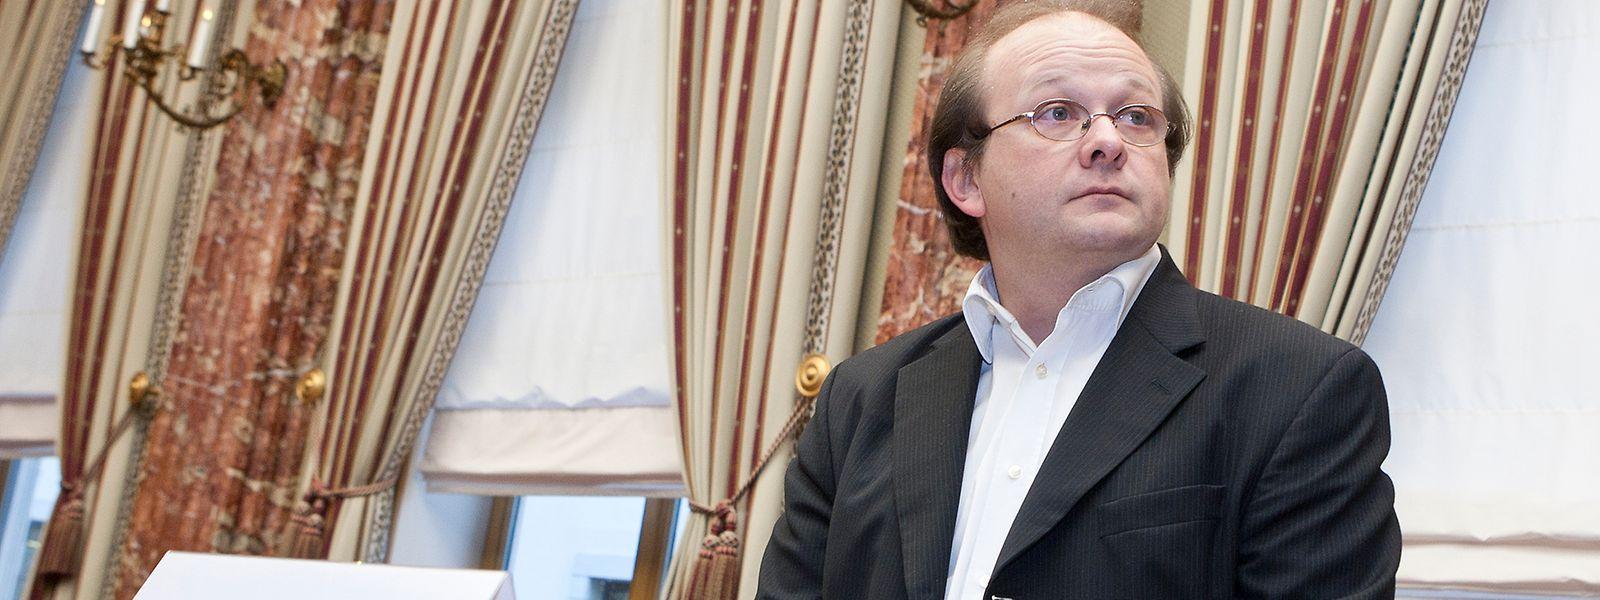 Frank Schneider musste im Zuge der Ermittlungen gleich mehrmals in der Chamber aussagen.